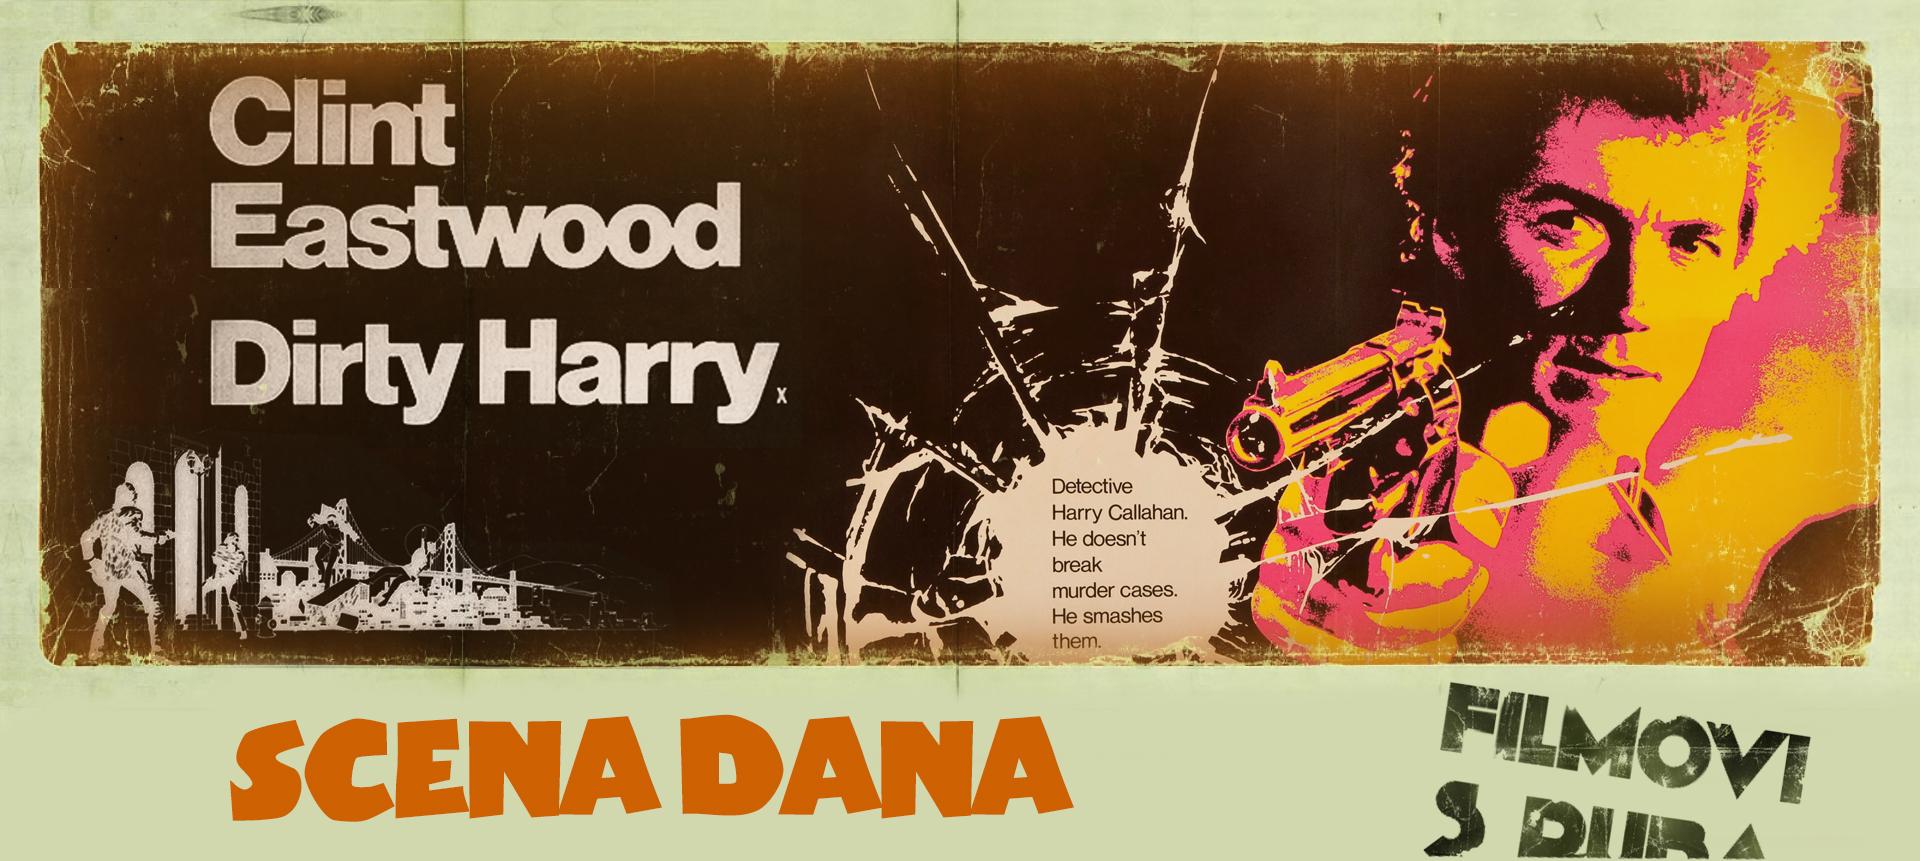 SCENA DANA – Dirty Harry (1971)